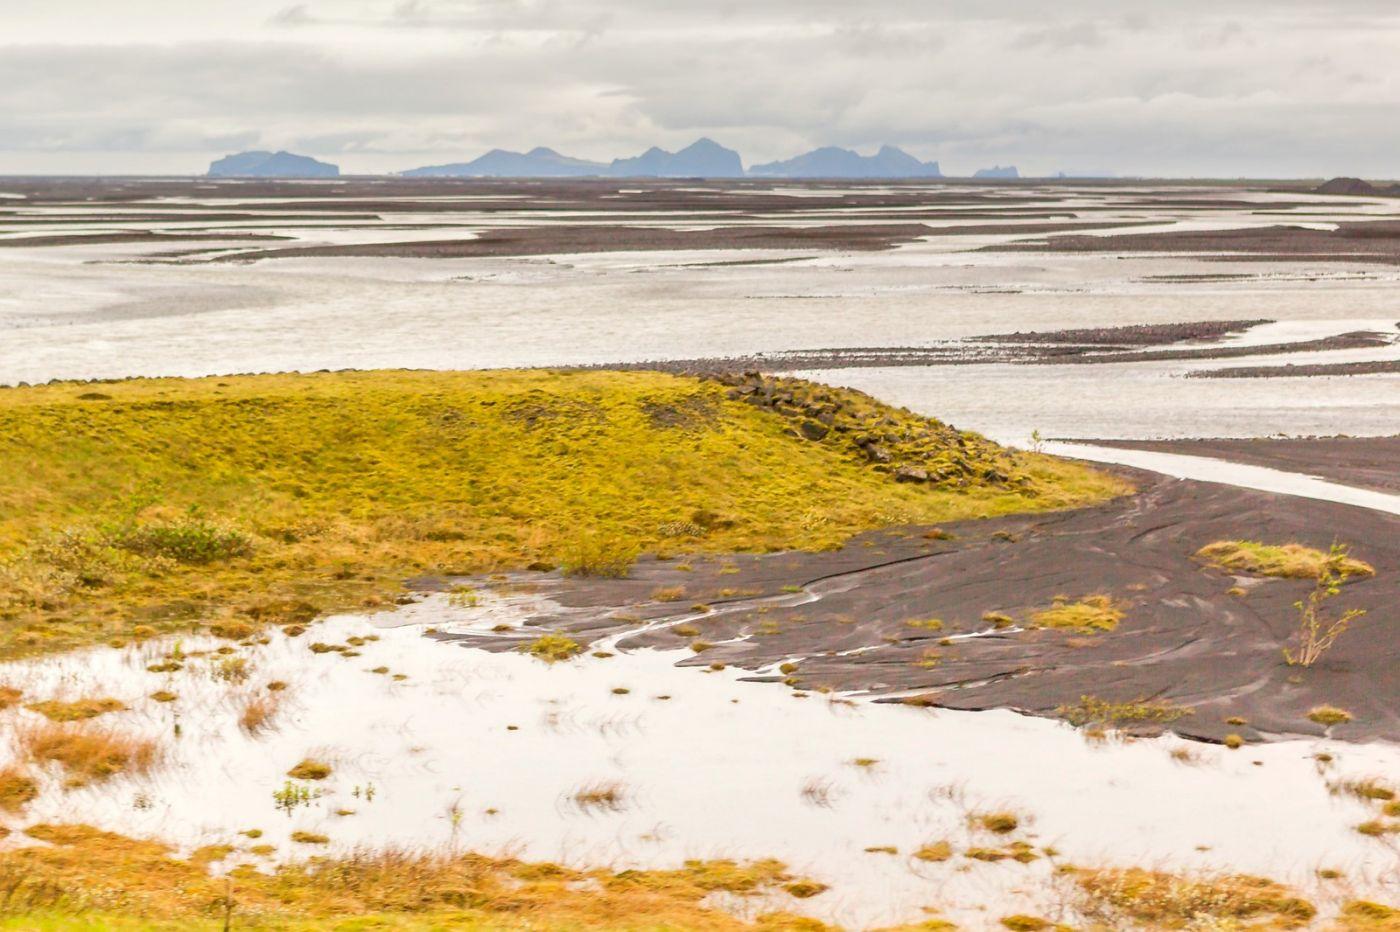 冰岛风采,奇山怪石_图1-37